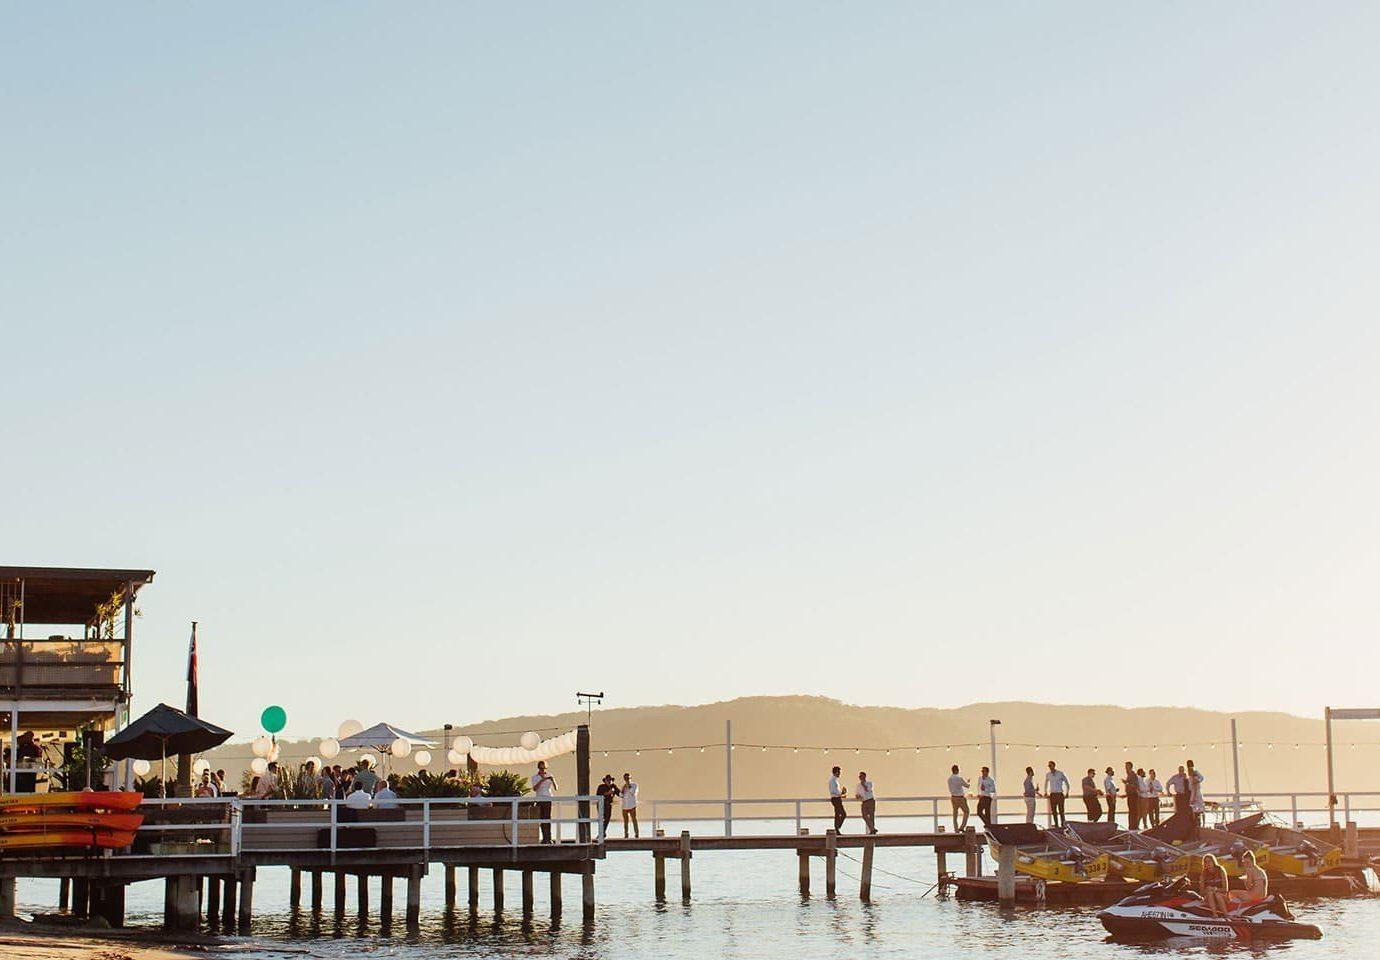 Trip Ideas Weekend Getaways sky outdoor water Sea cart